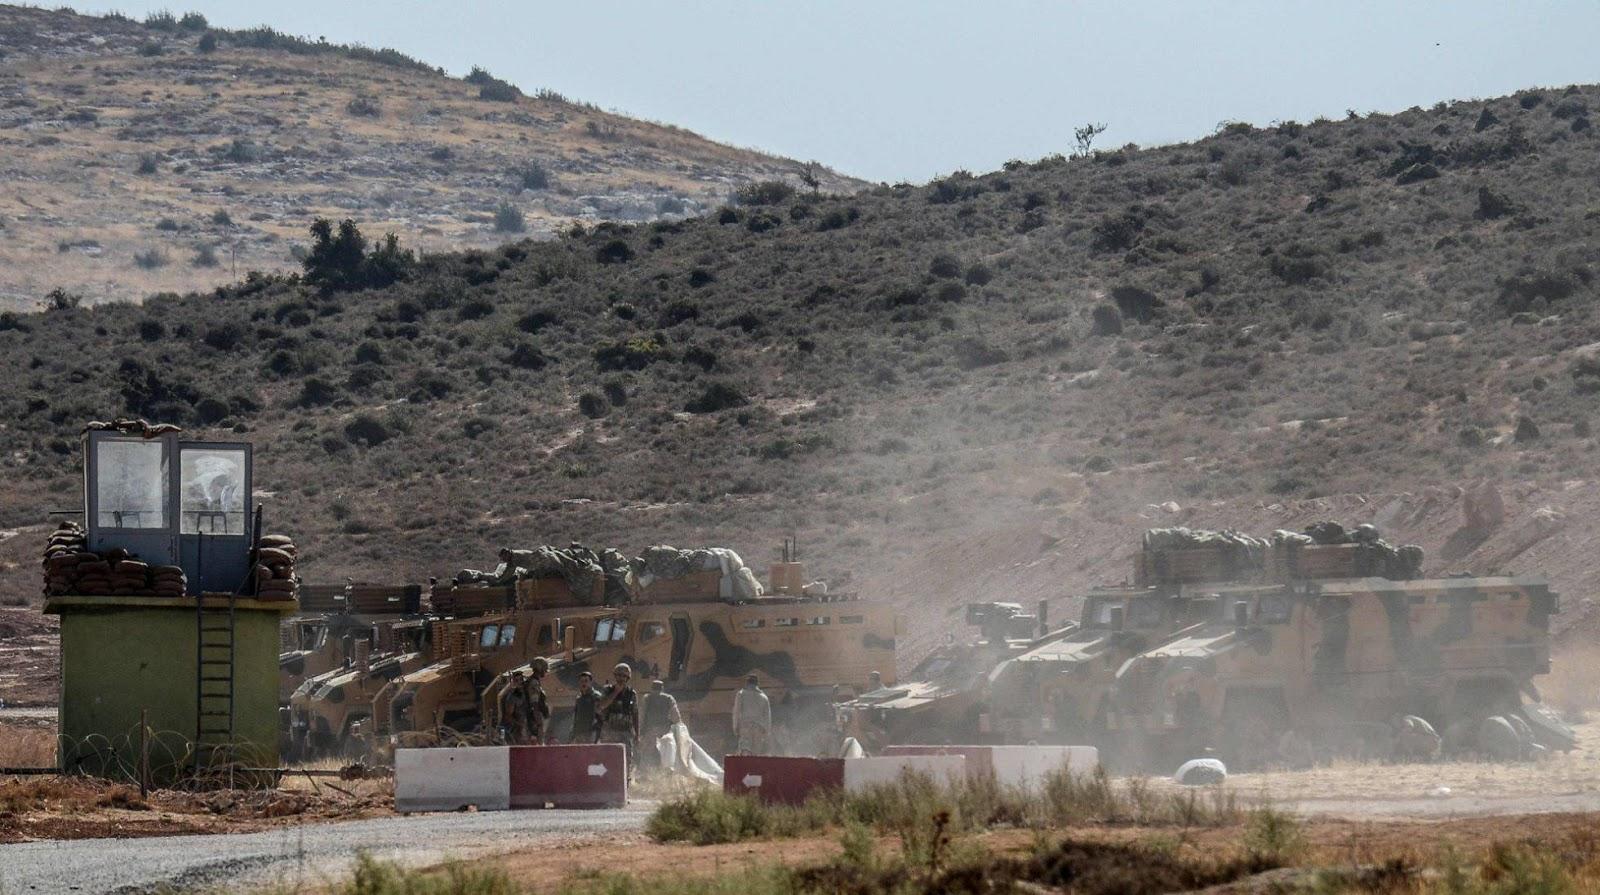 El Ejército turco y la exfilial de Al Qaeda se enfrentan en la frontera siria